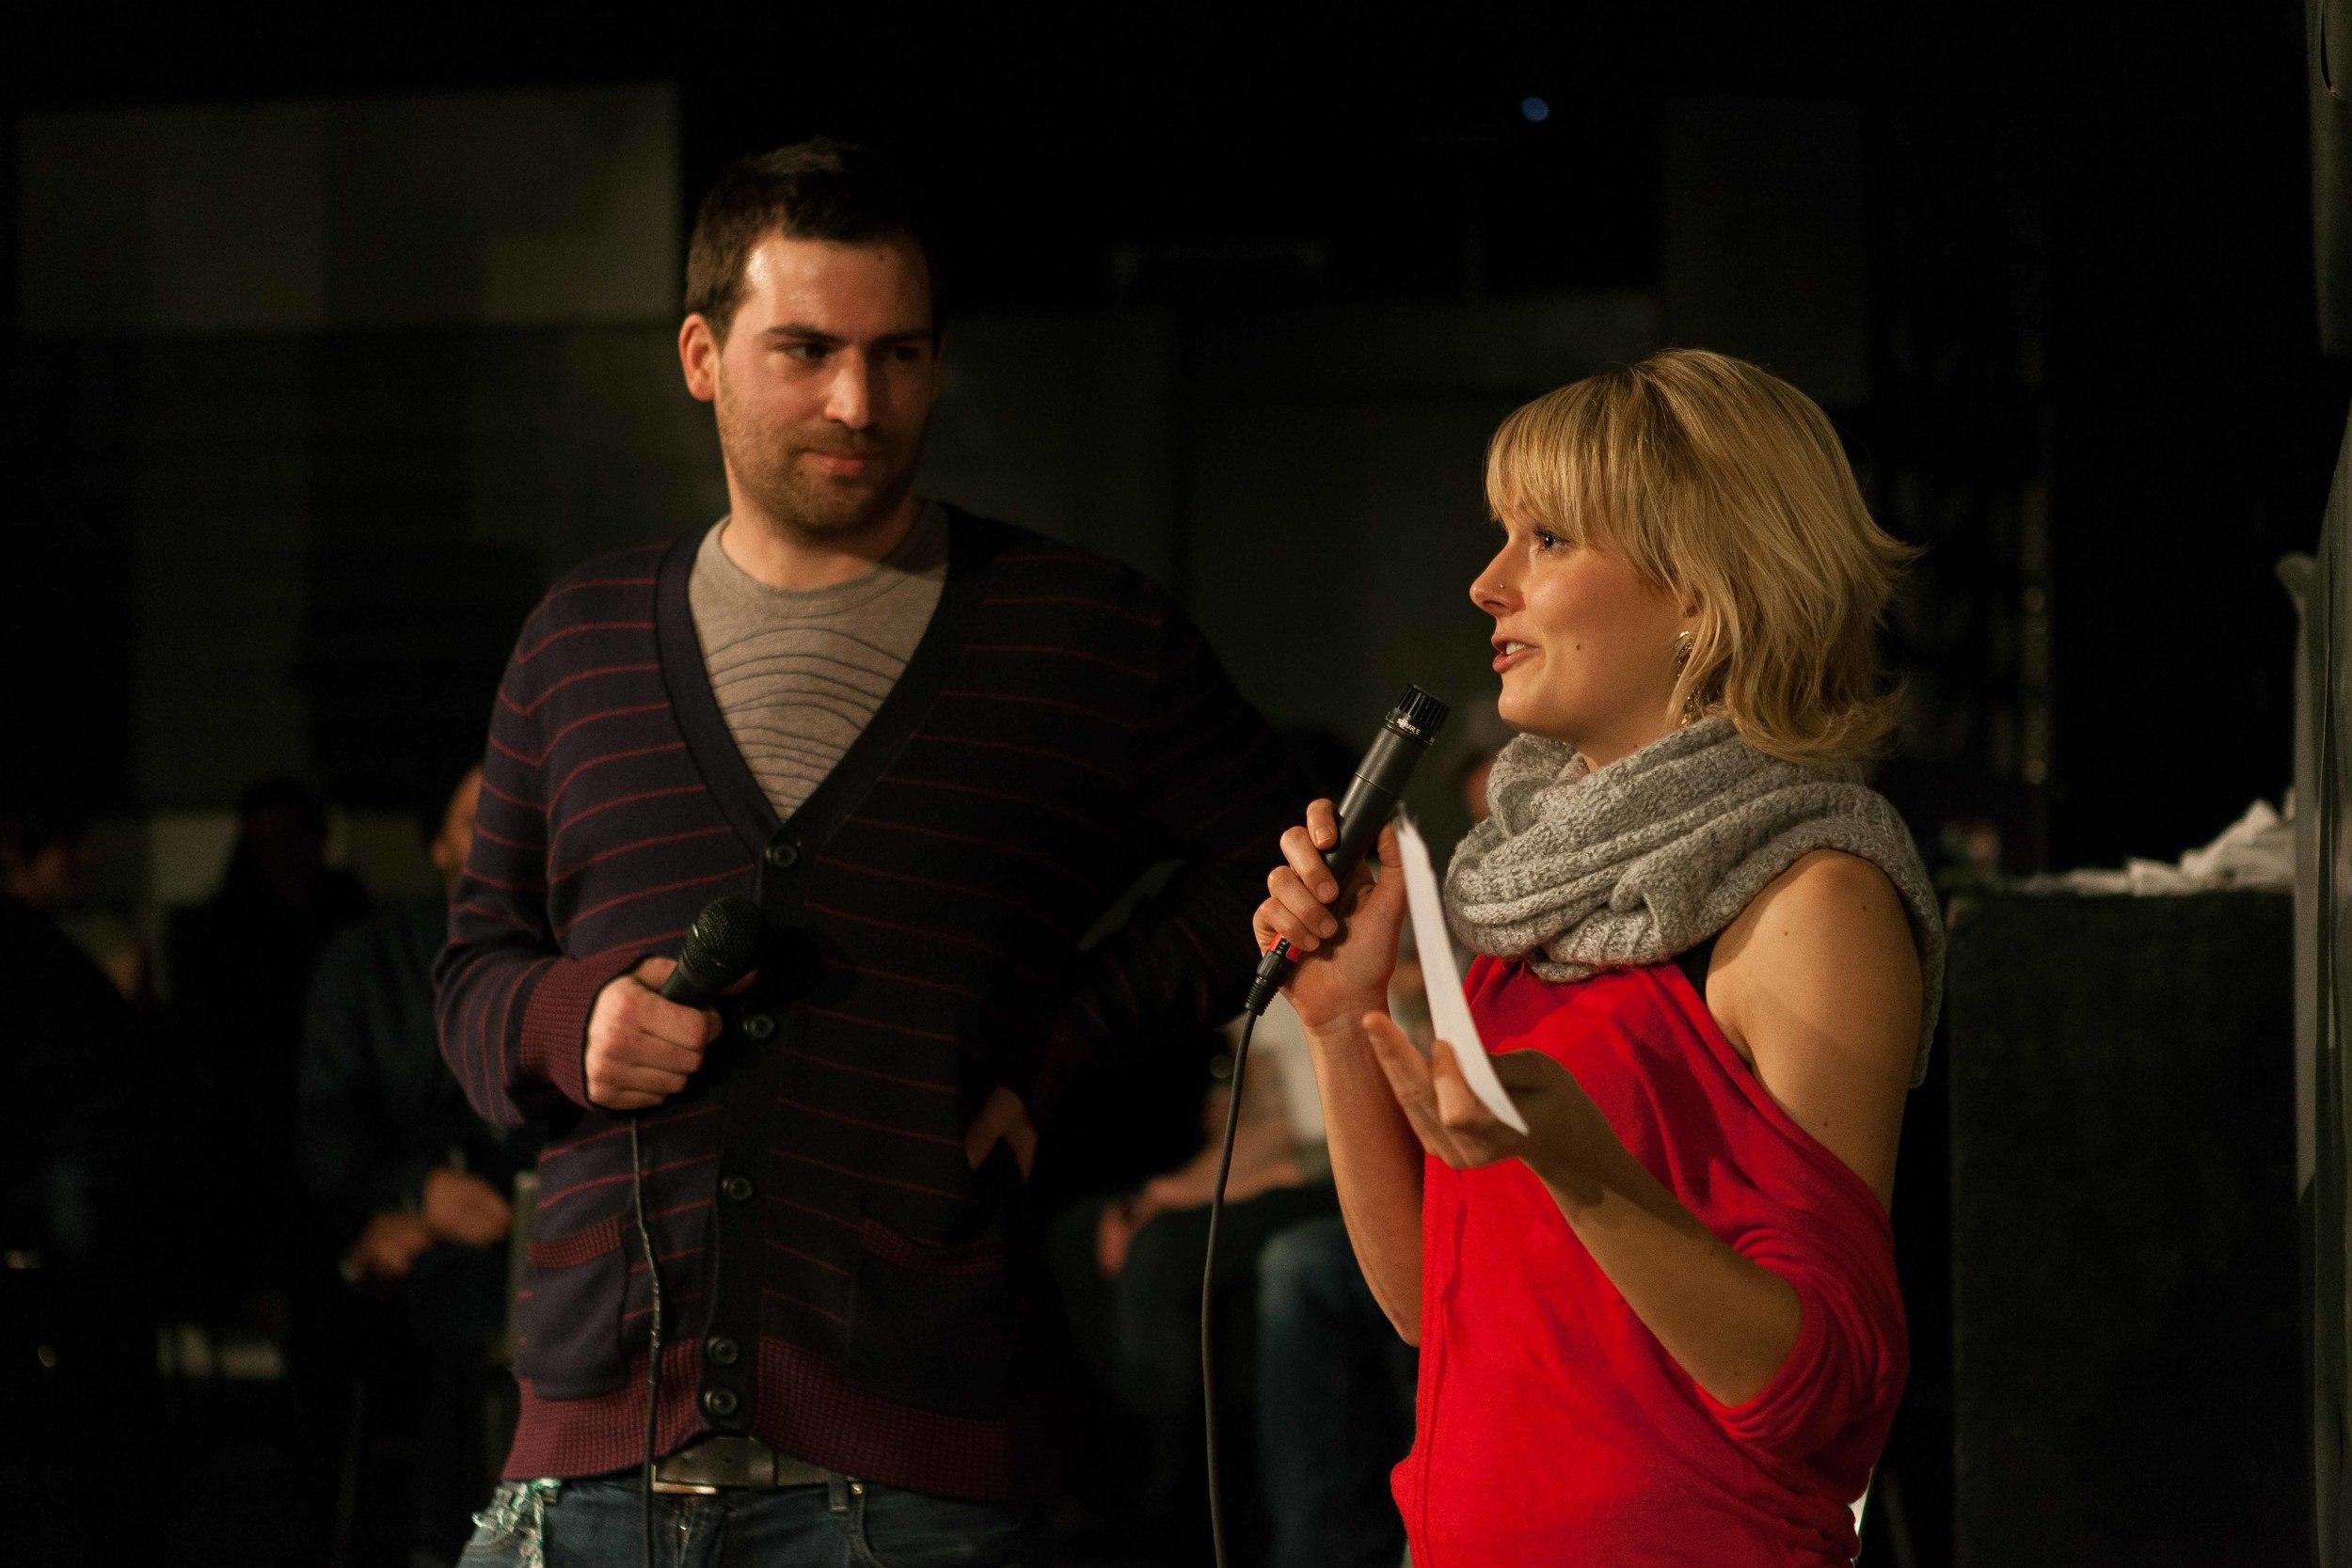 Feldermelder and Host Rosanna Grüter